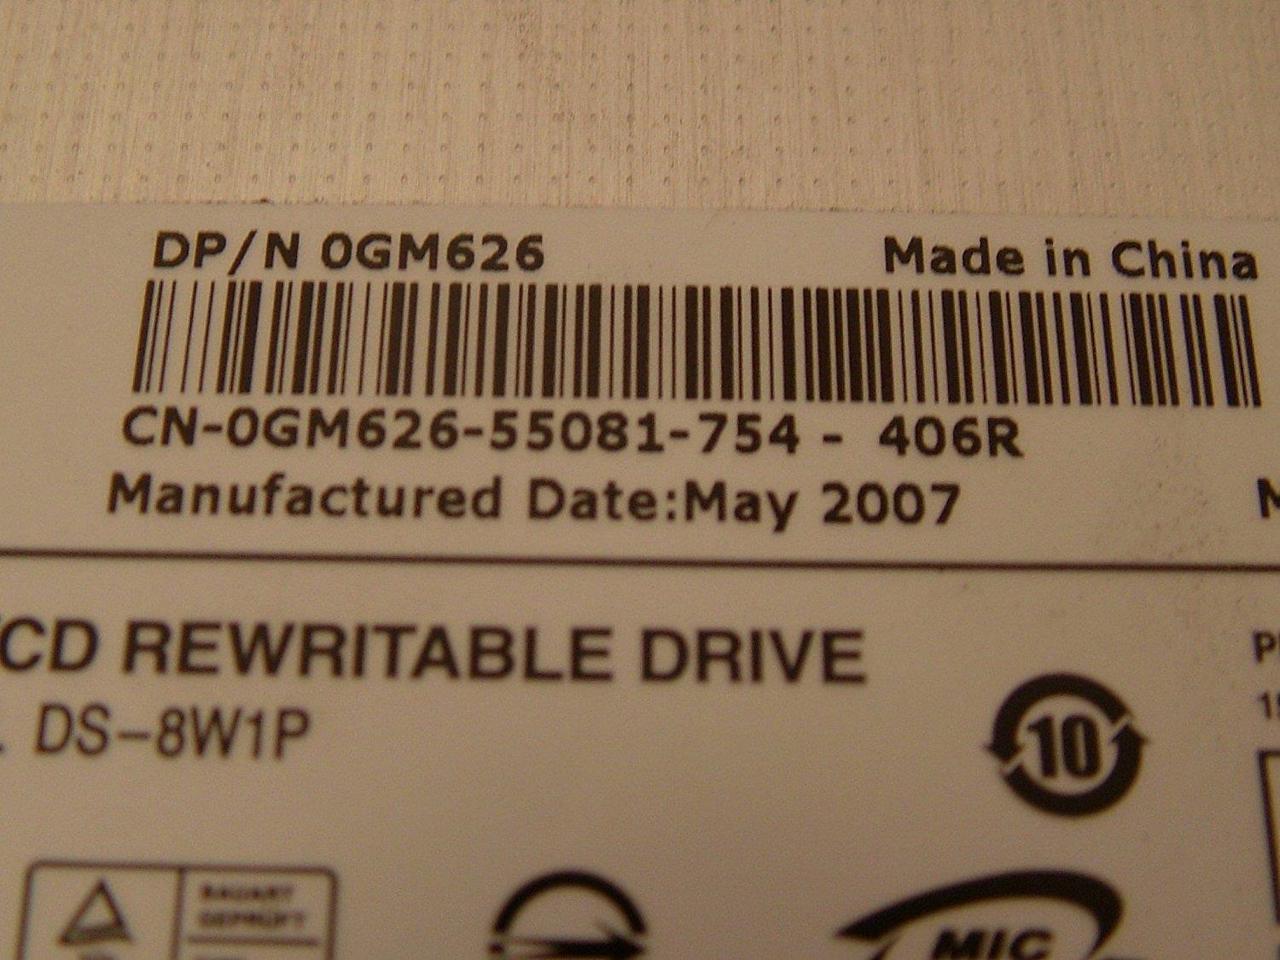 Dell DVD-RW Drive Black DS-8W1P GM626 Inspiron E1505 6400